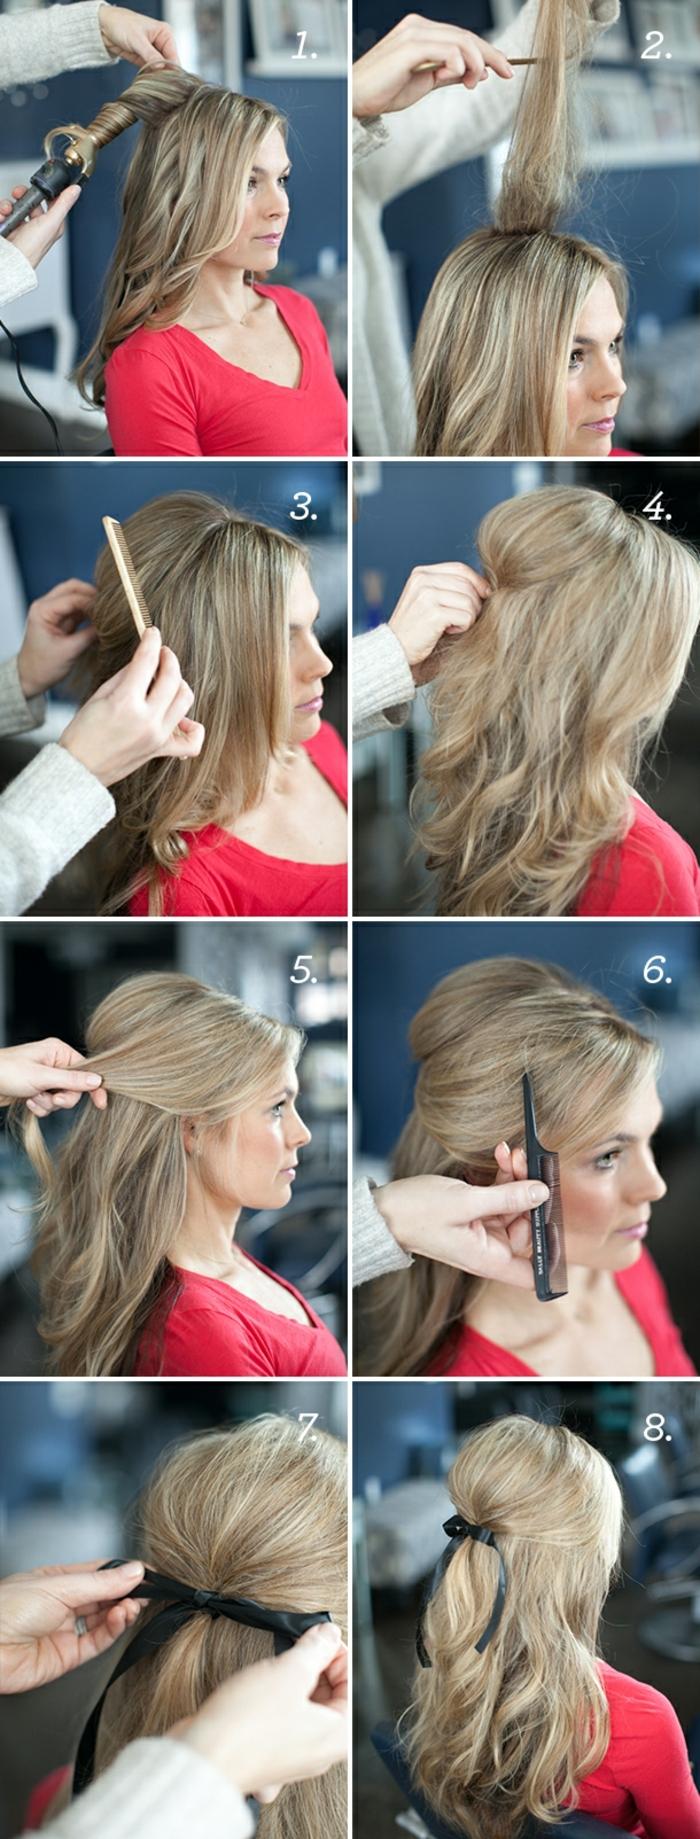 ideas originales de peinados pelo largo para ir a una fiesta, como hacer un semirecogido elegante y bonito paso a paso